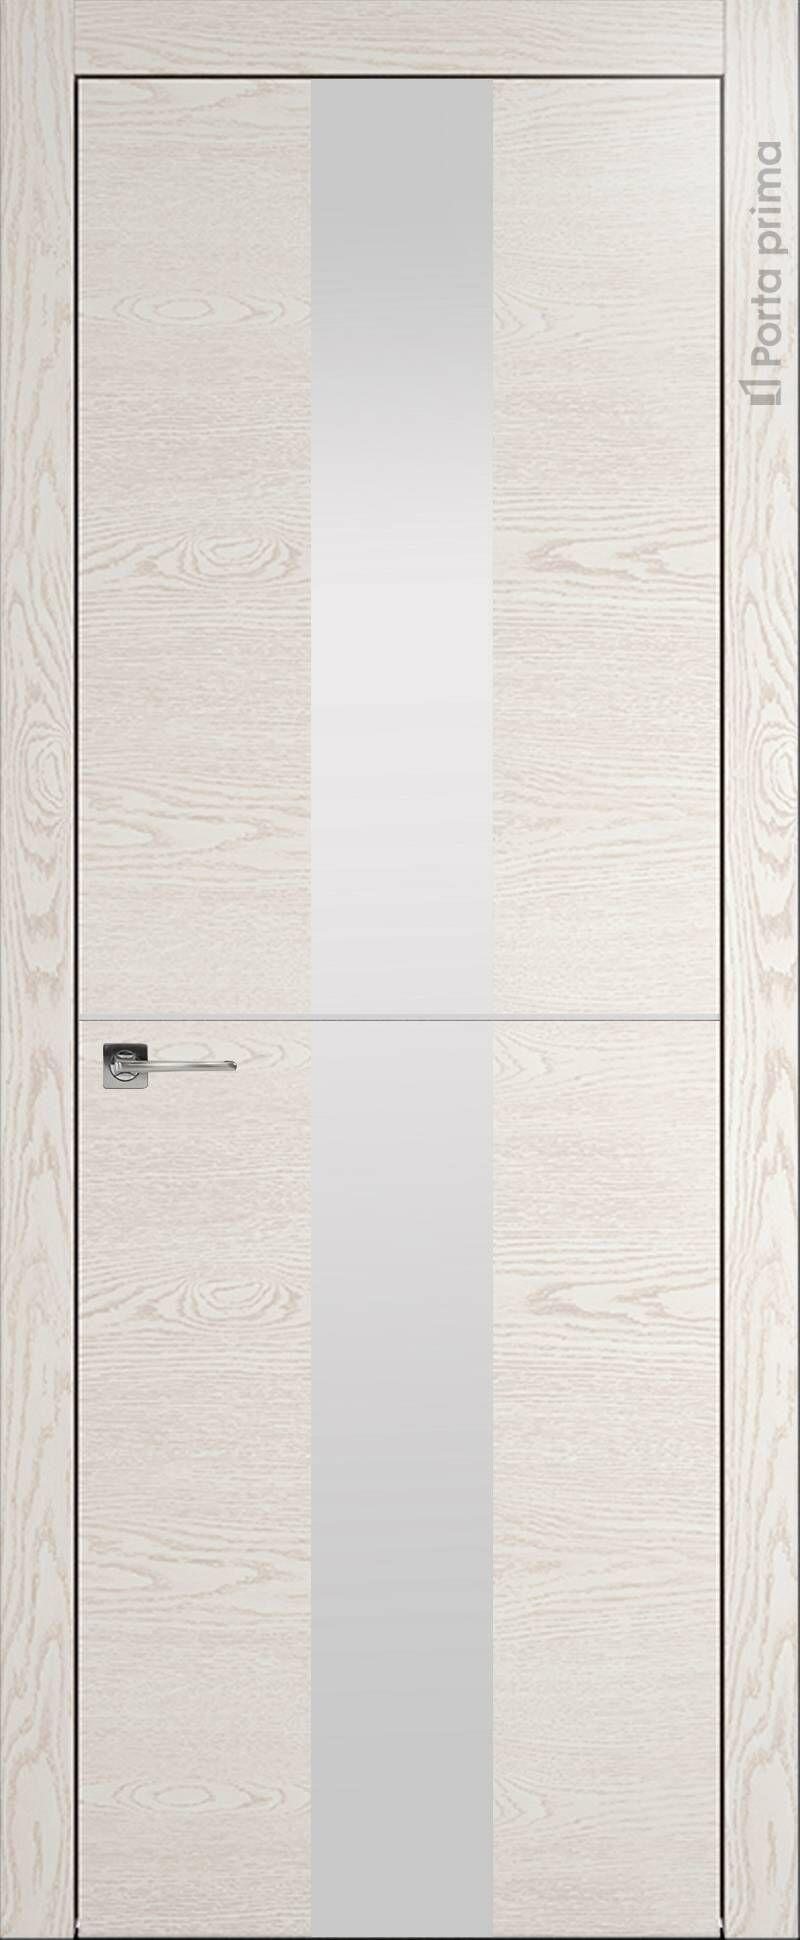 Tivoli Ж-3 цвет - Белый ясень (nano-flex) Со стеклом (ДО)